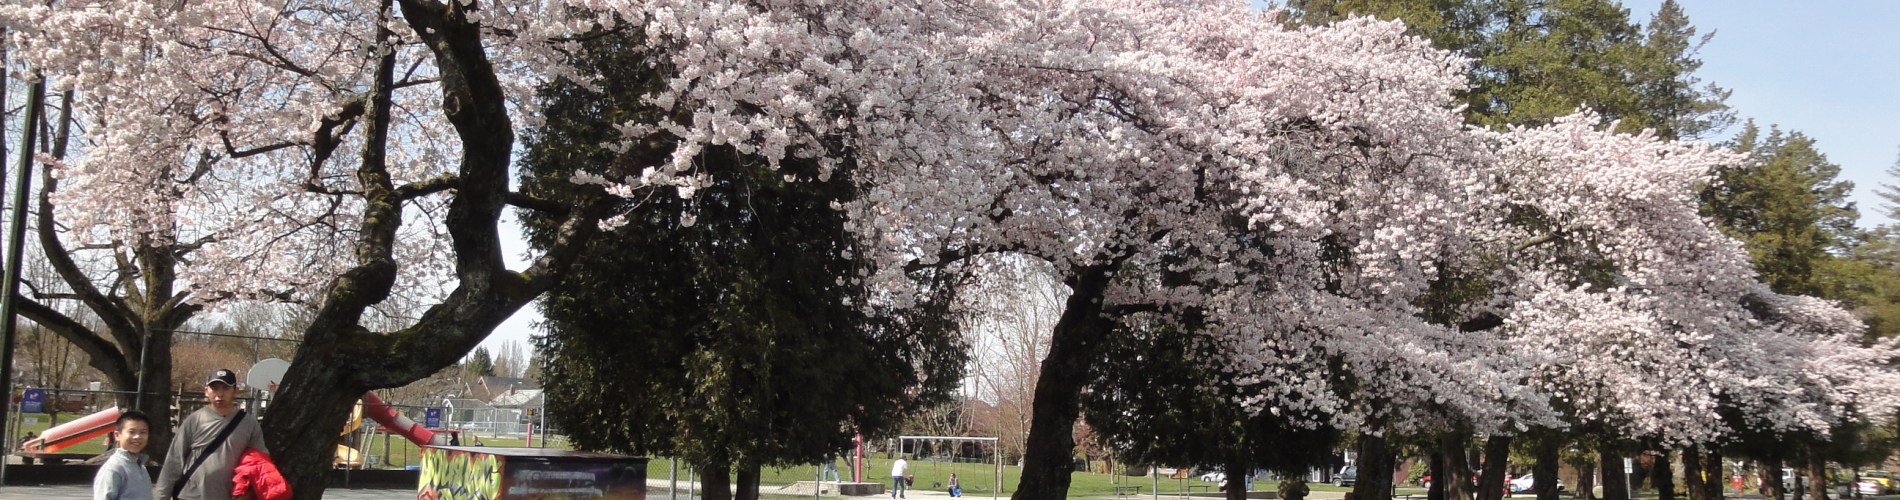 溫哥華旅遊溫哥華賞櫻染井吉野櫻Somei-Yoshino Cherry Blossom 東京吉野櫻